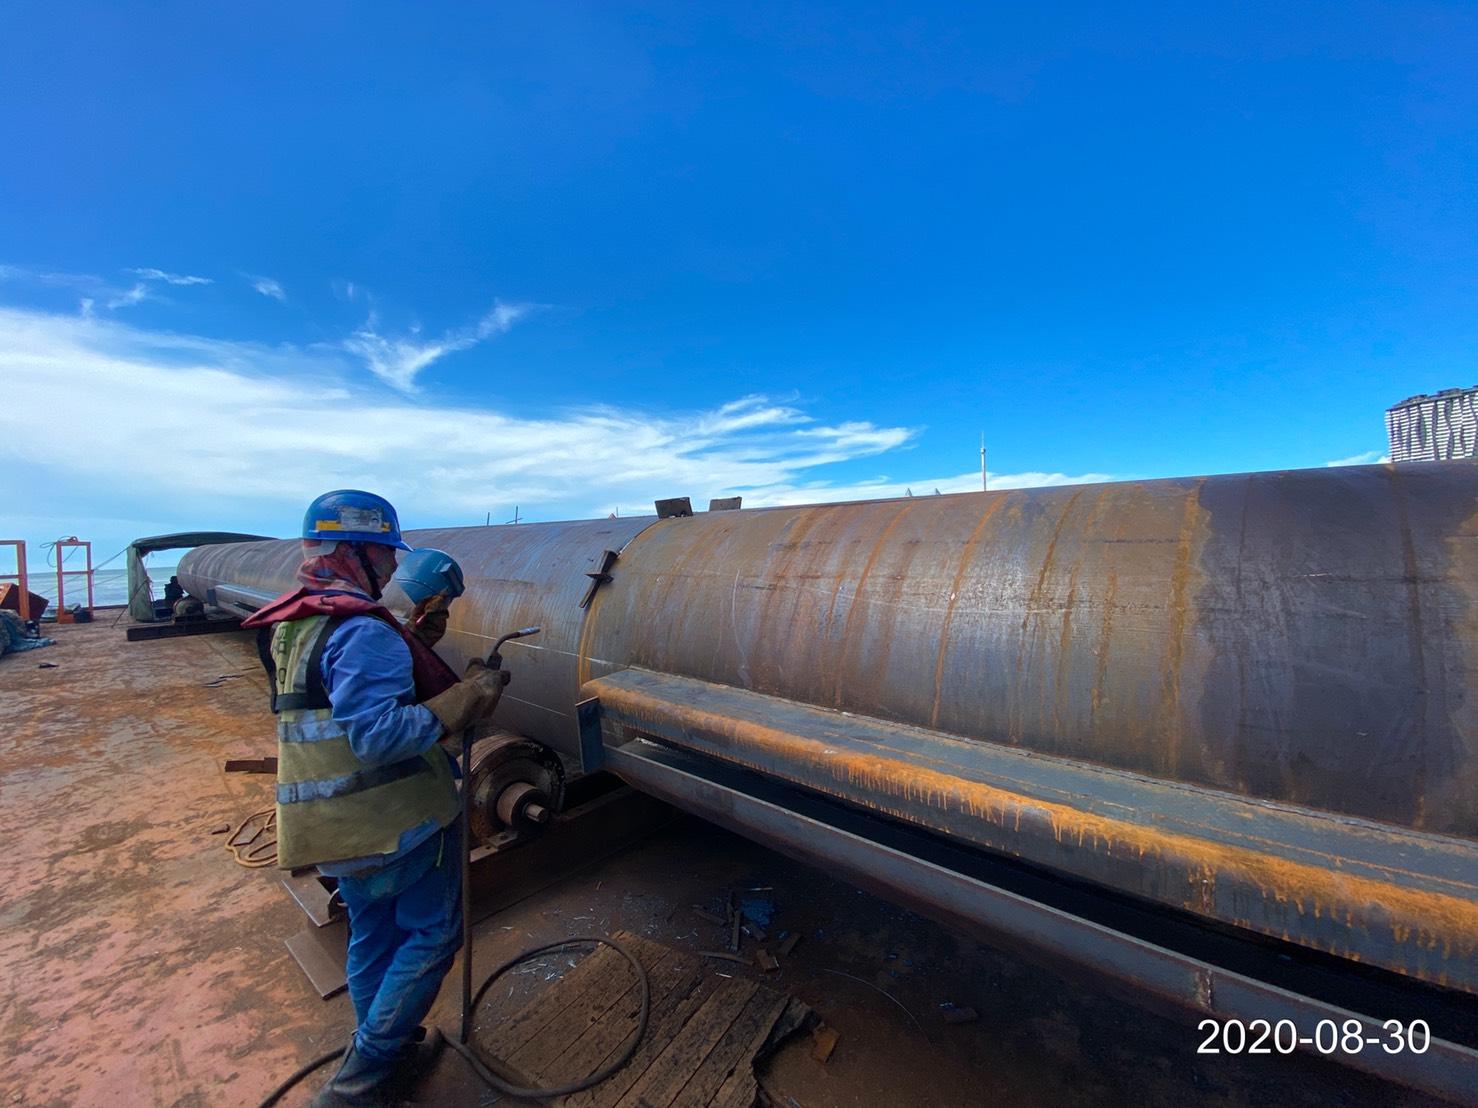 河中段圍堰鋼管樁水平焊接電焊施工作業.